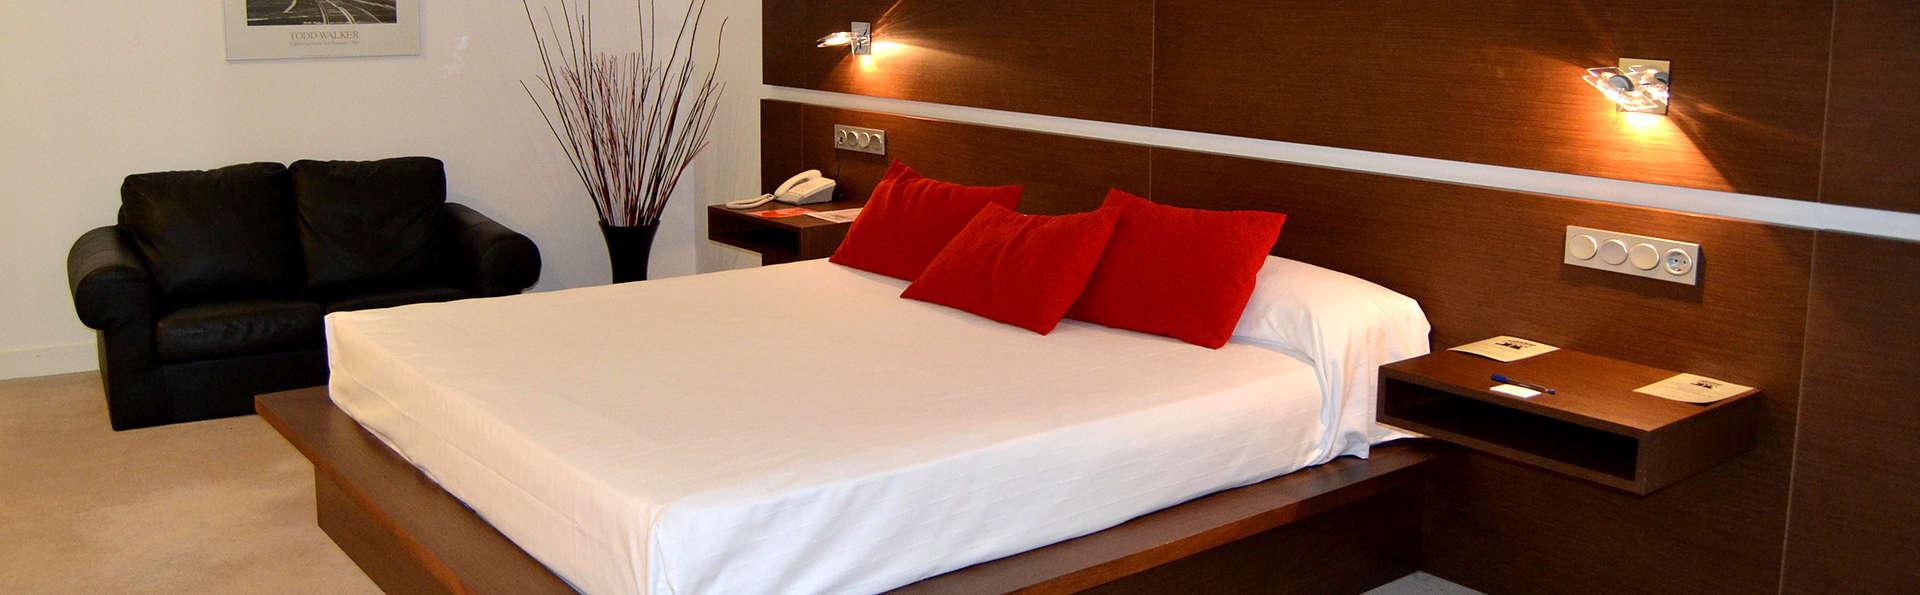 Spa Sercotel Hotel Odeón - Edit_Room.jpg